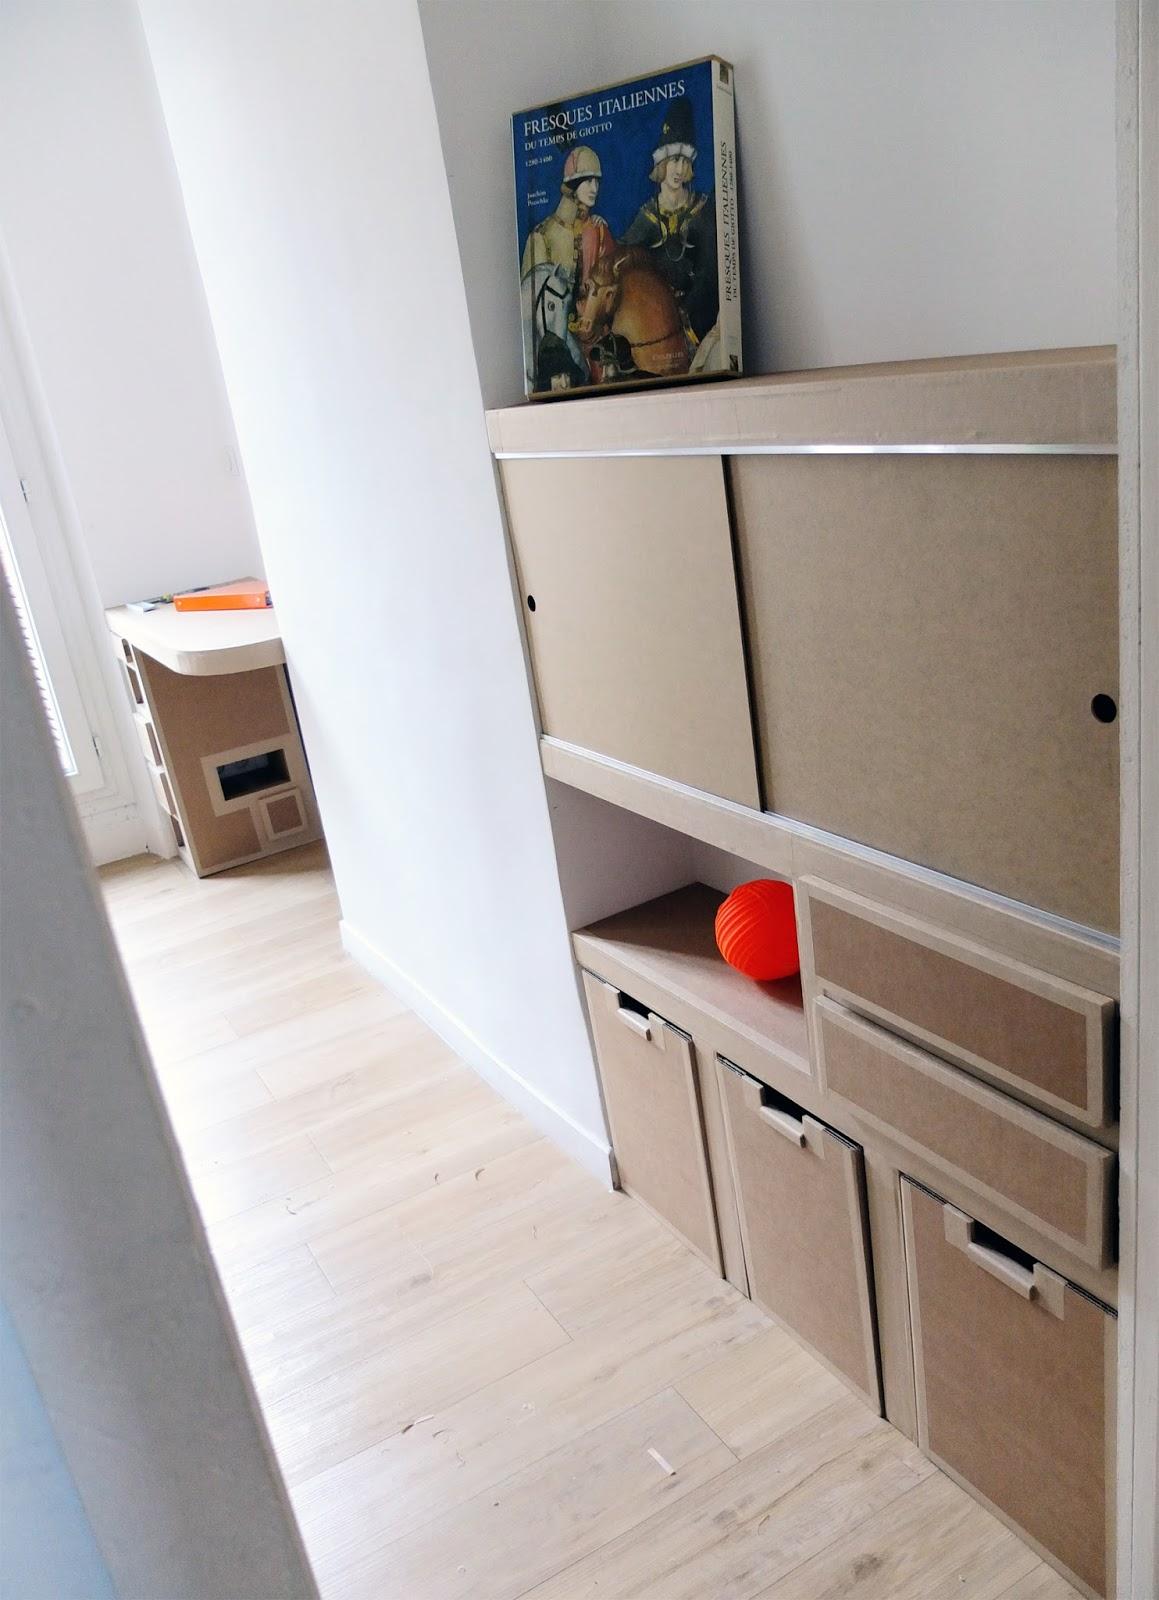 meuble en carton. tiroirs et porte coulissante. bac de rangement en carton design fabriqué à marseille par juliadesign